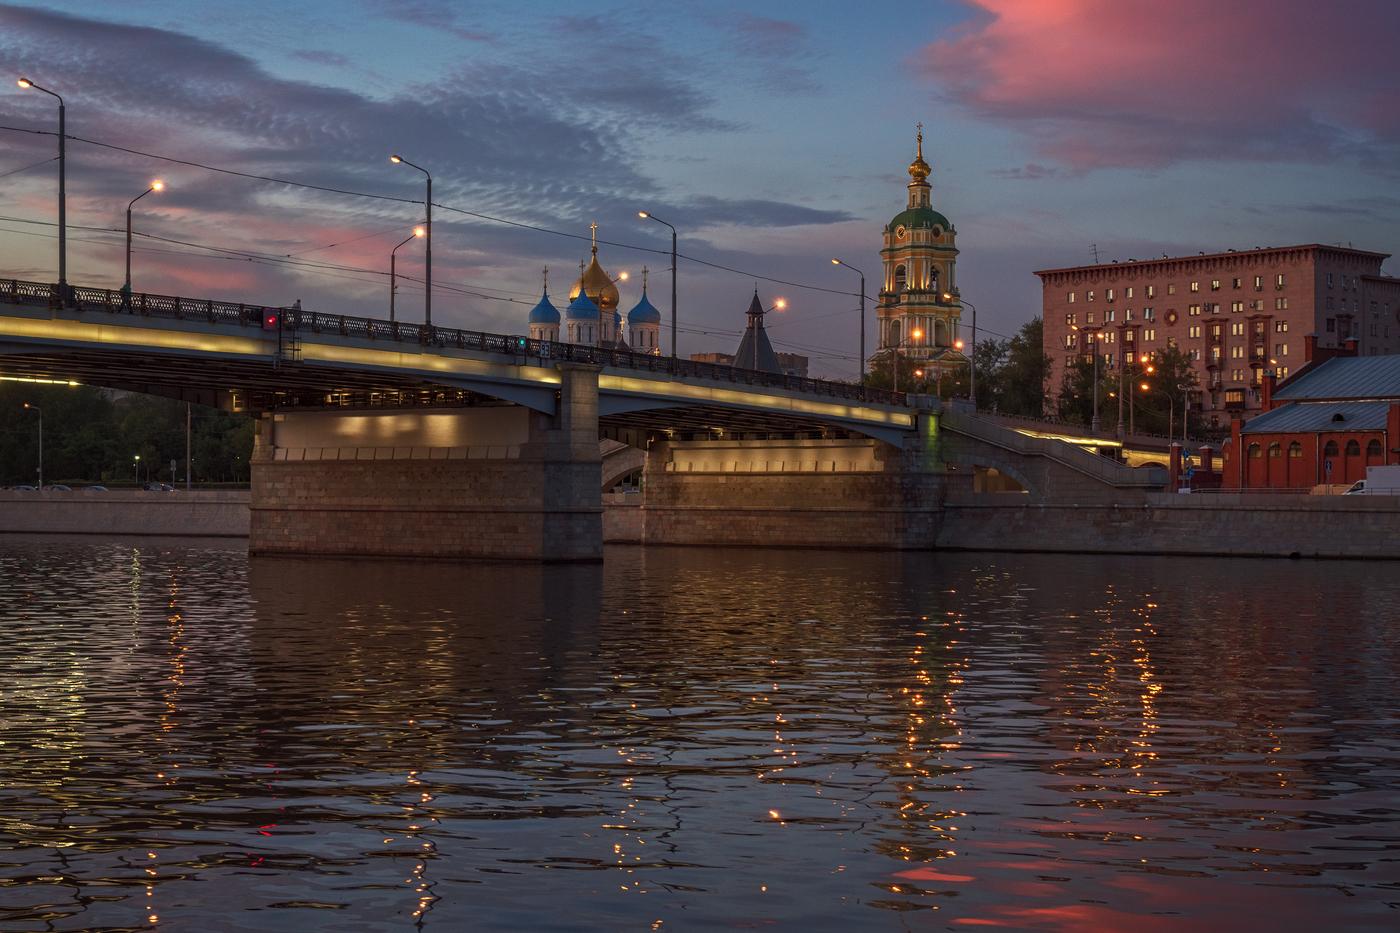 фото под Новоспасским мостом в Москве